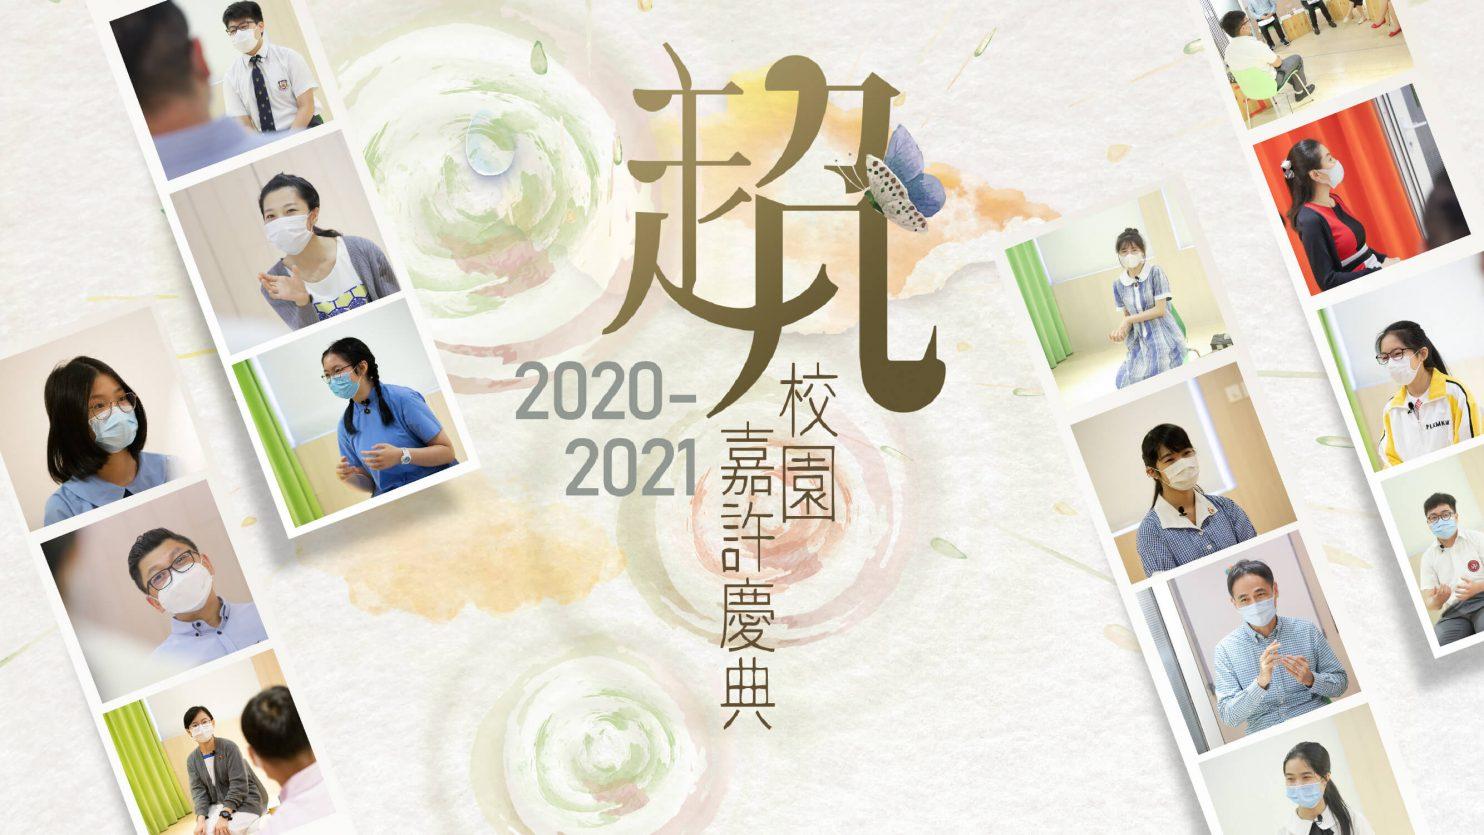 2020-2021超凡學生面試花絮